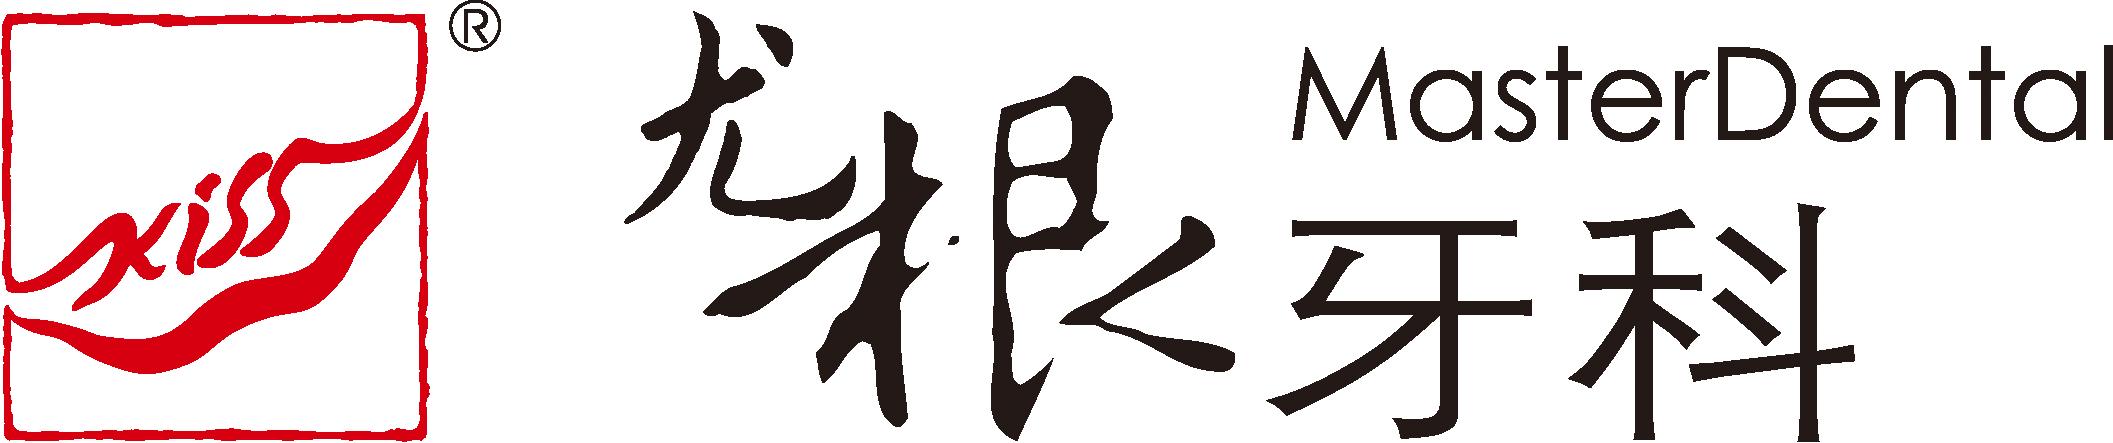 尤根牙科医疗科技(北京)有限公司